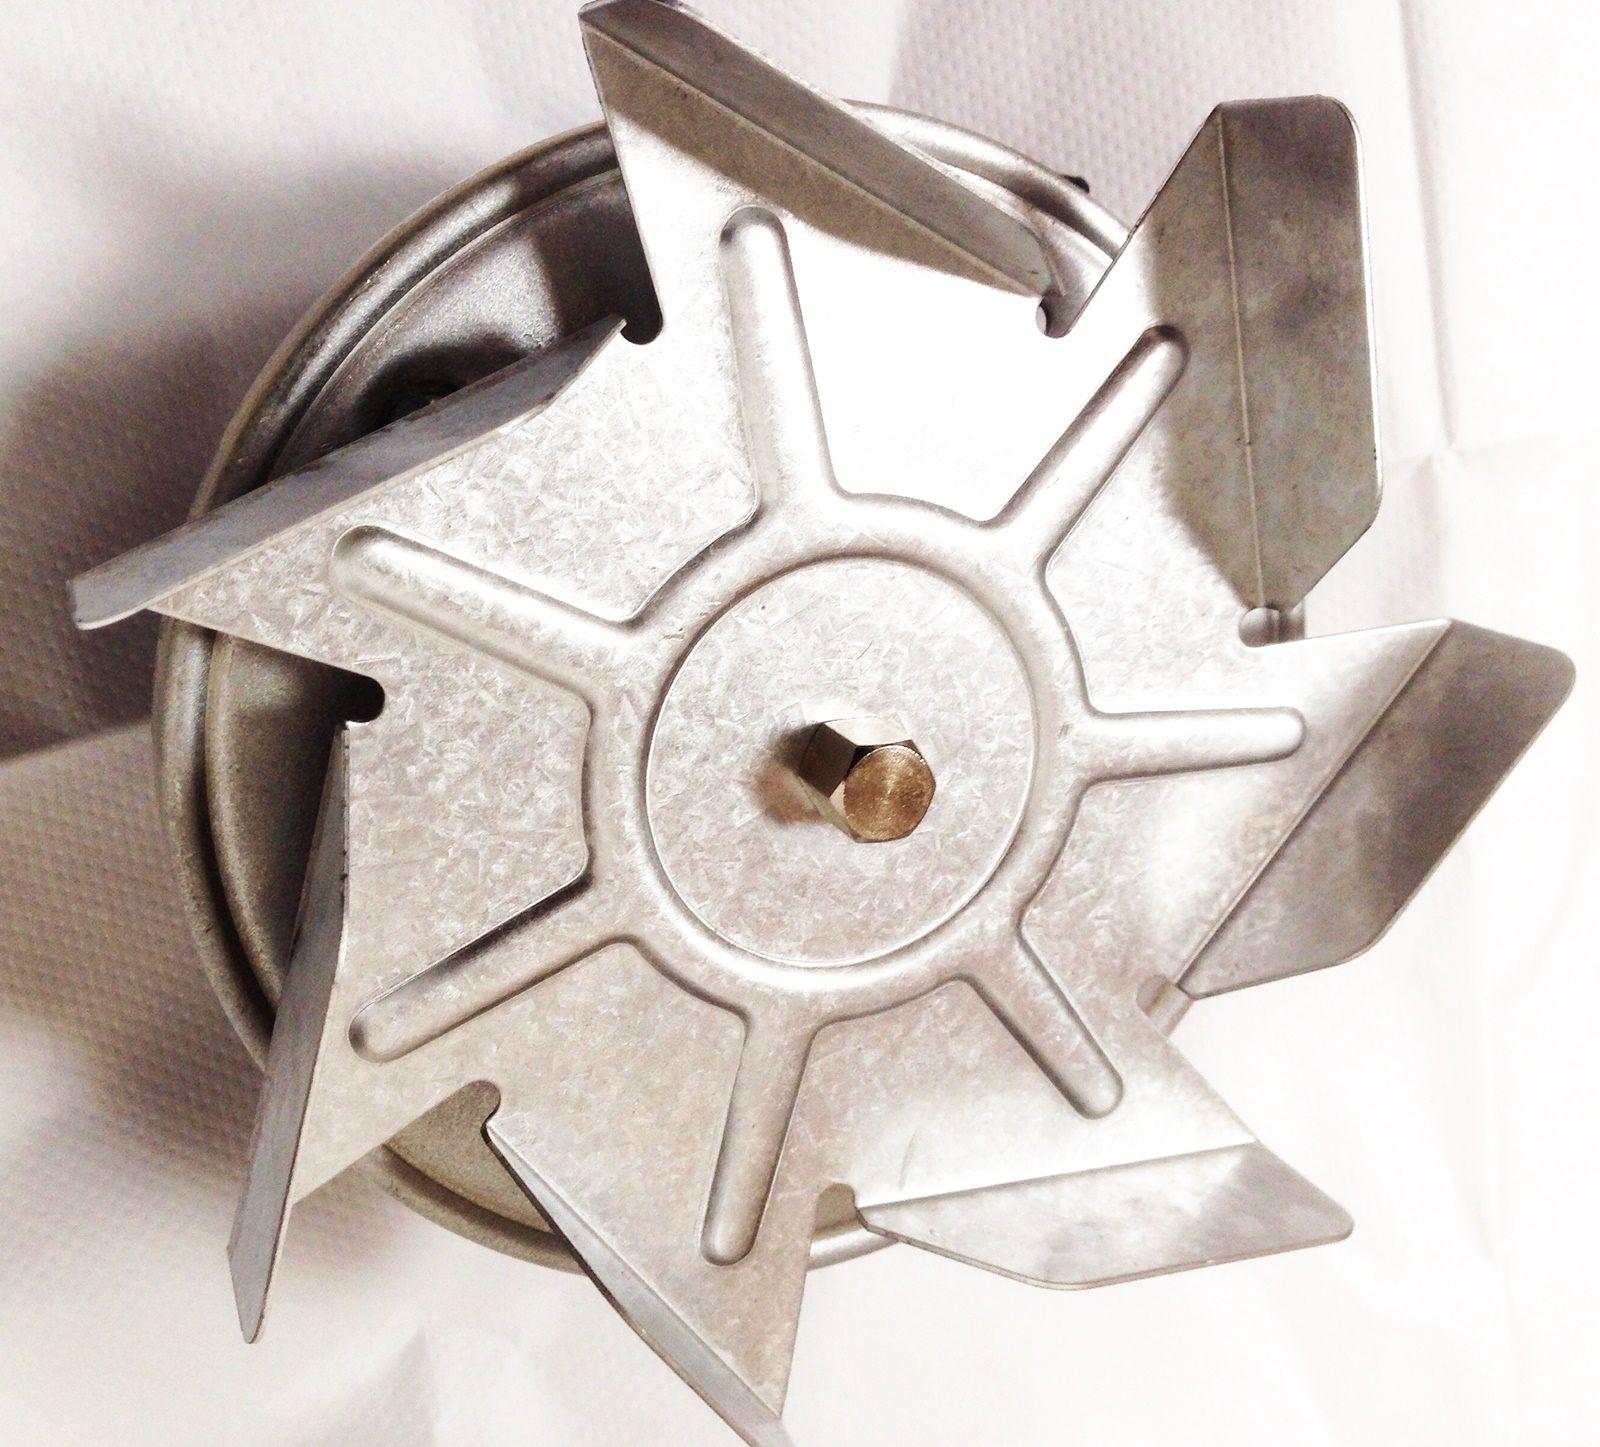 BRITANNIA Oven Cooker Fan /& Motor Unit NEW